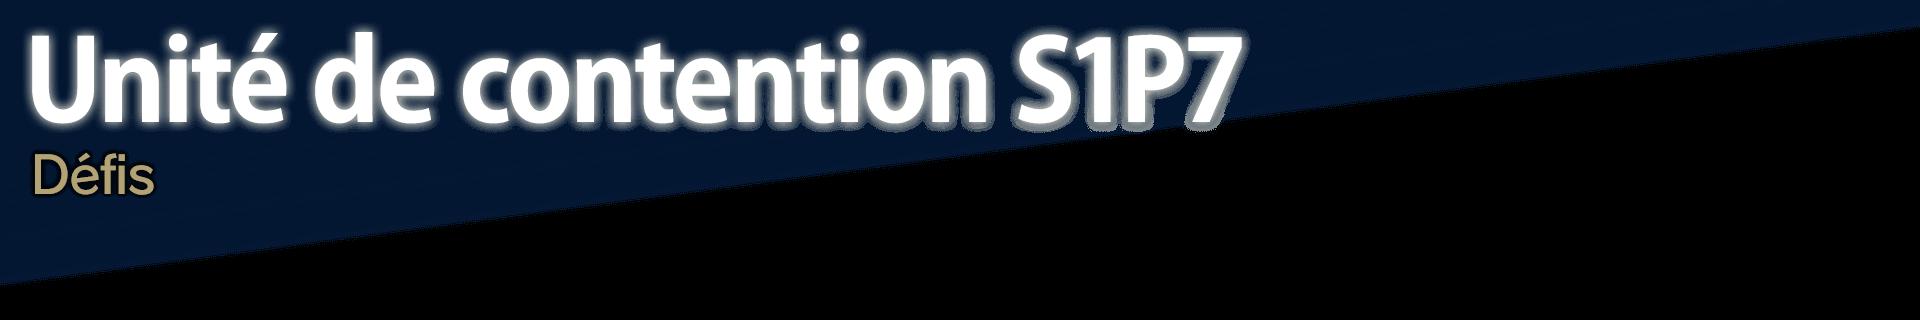 Unité de contention S1P7